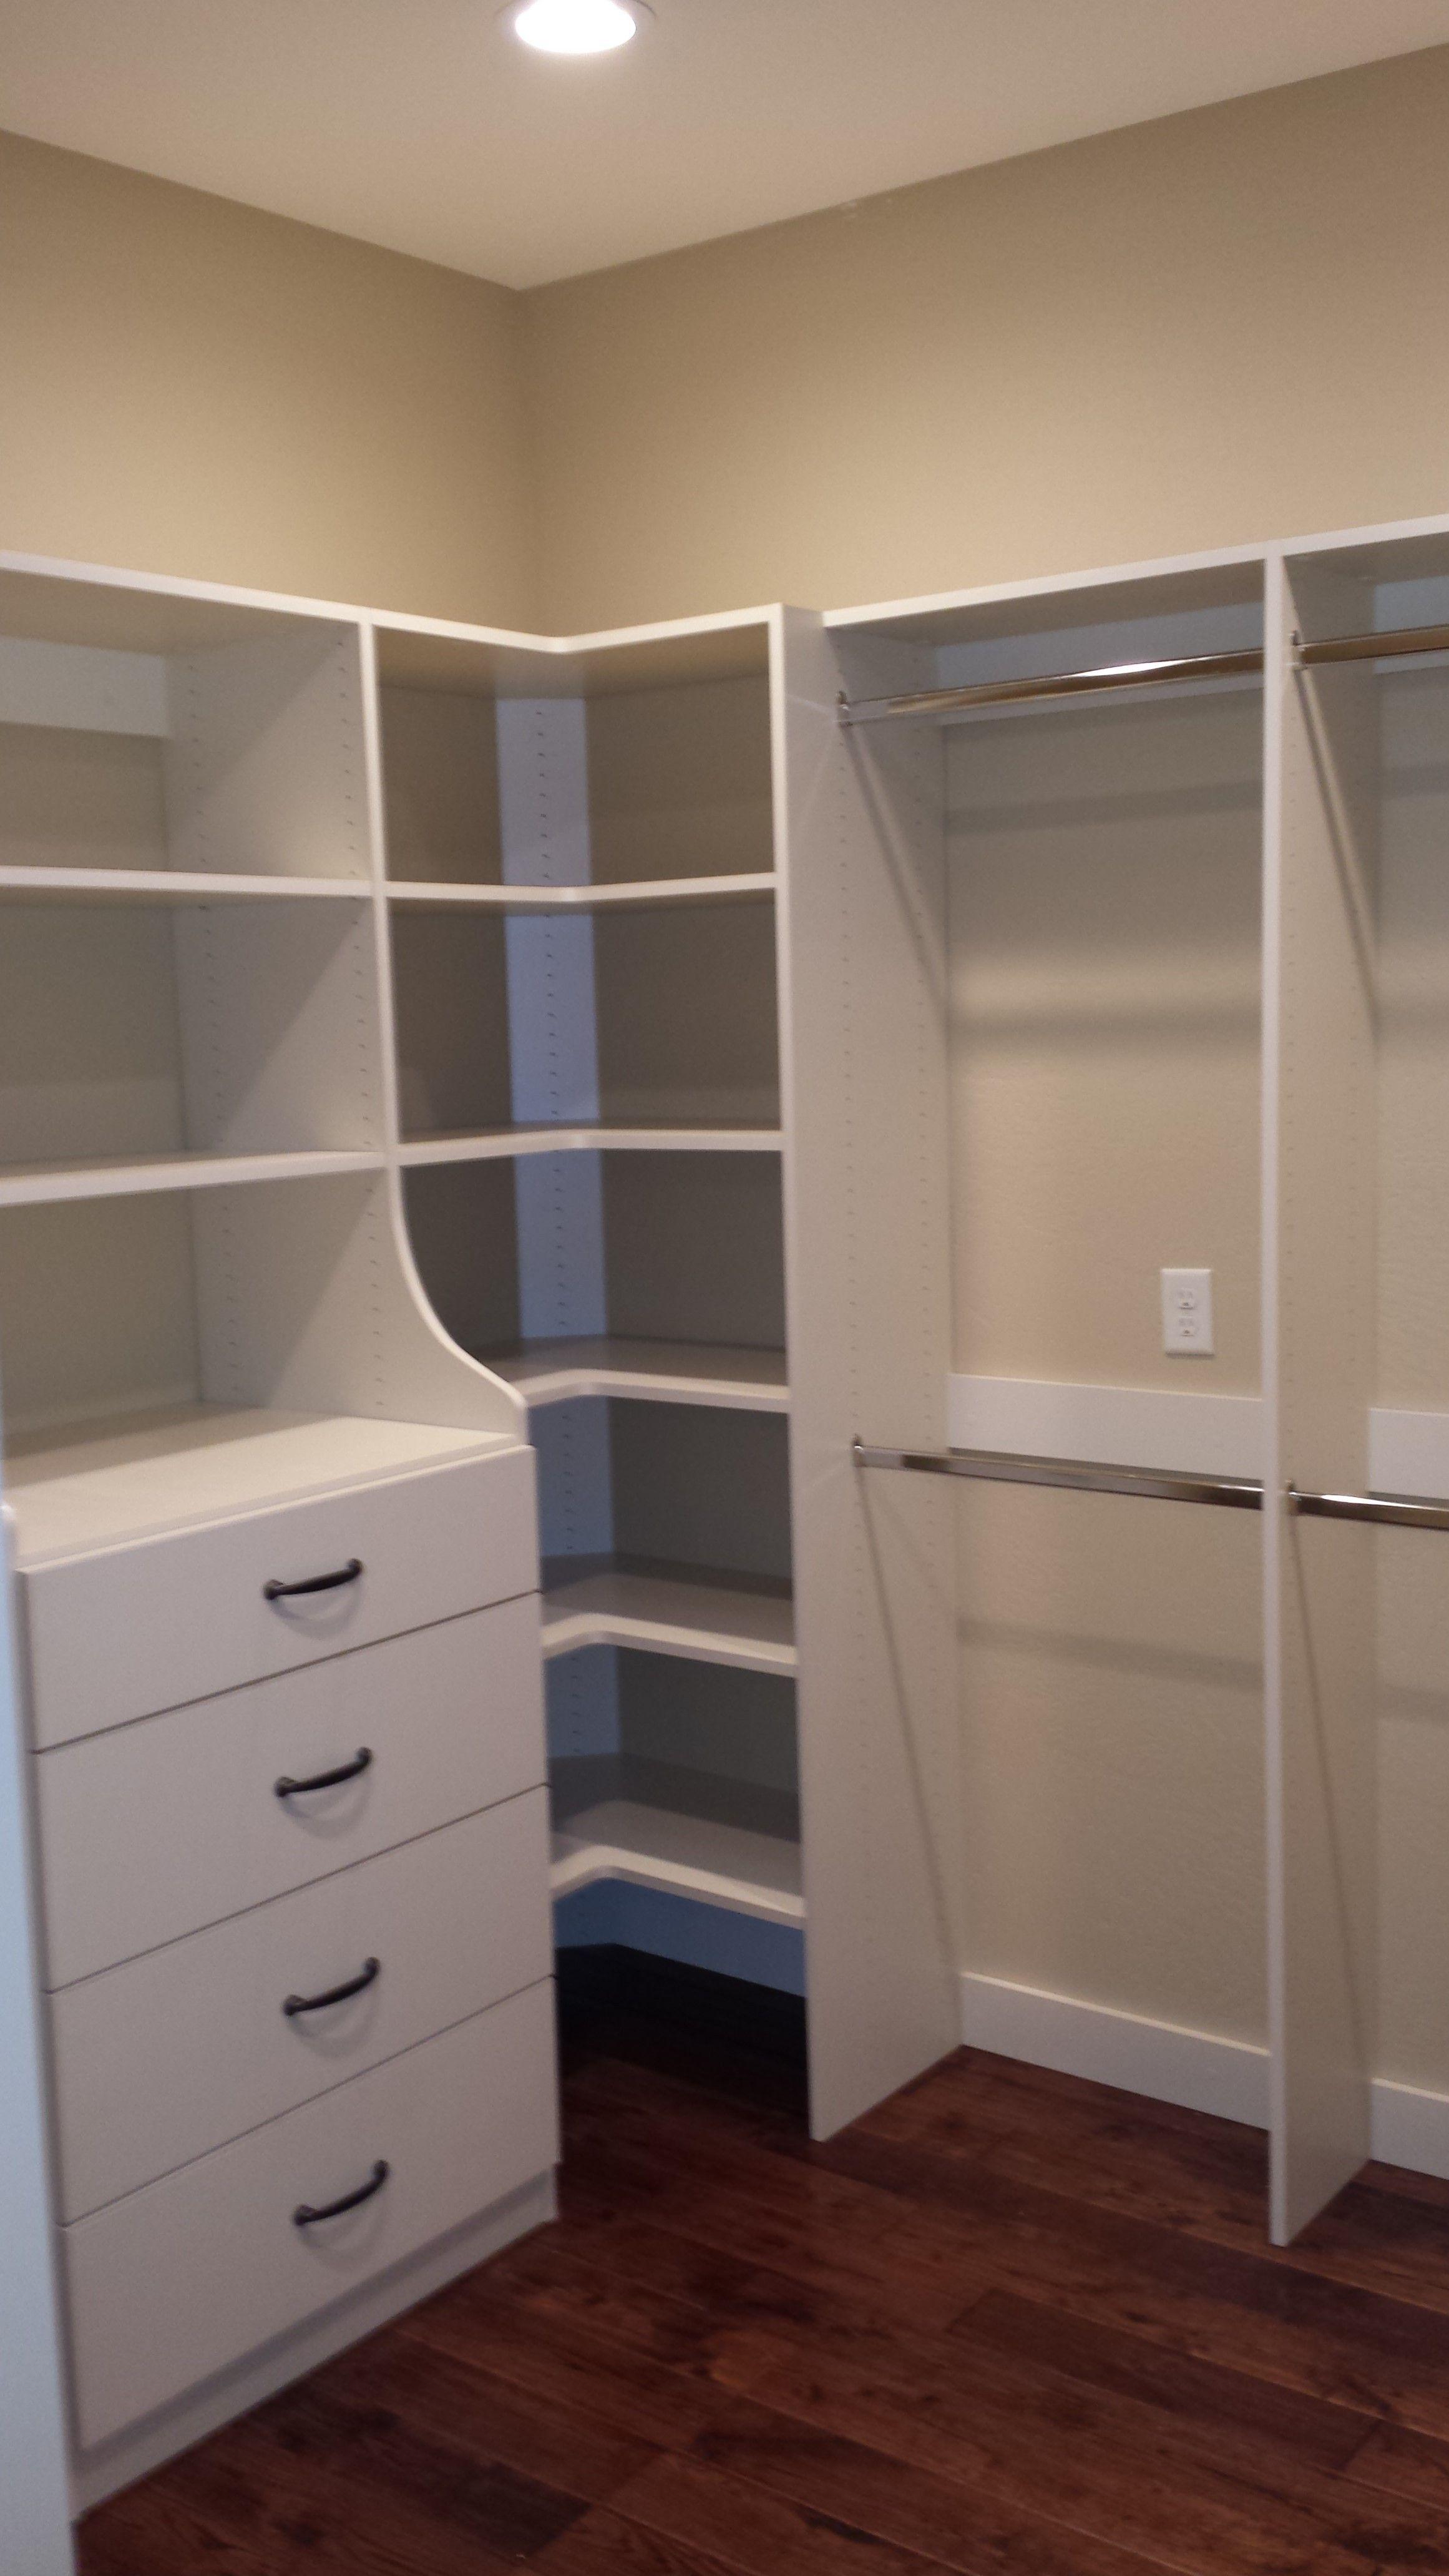 Lowes Closet Organizers Closet Shelving Ideas Home Depot